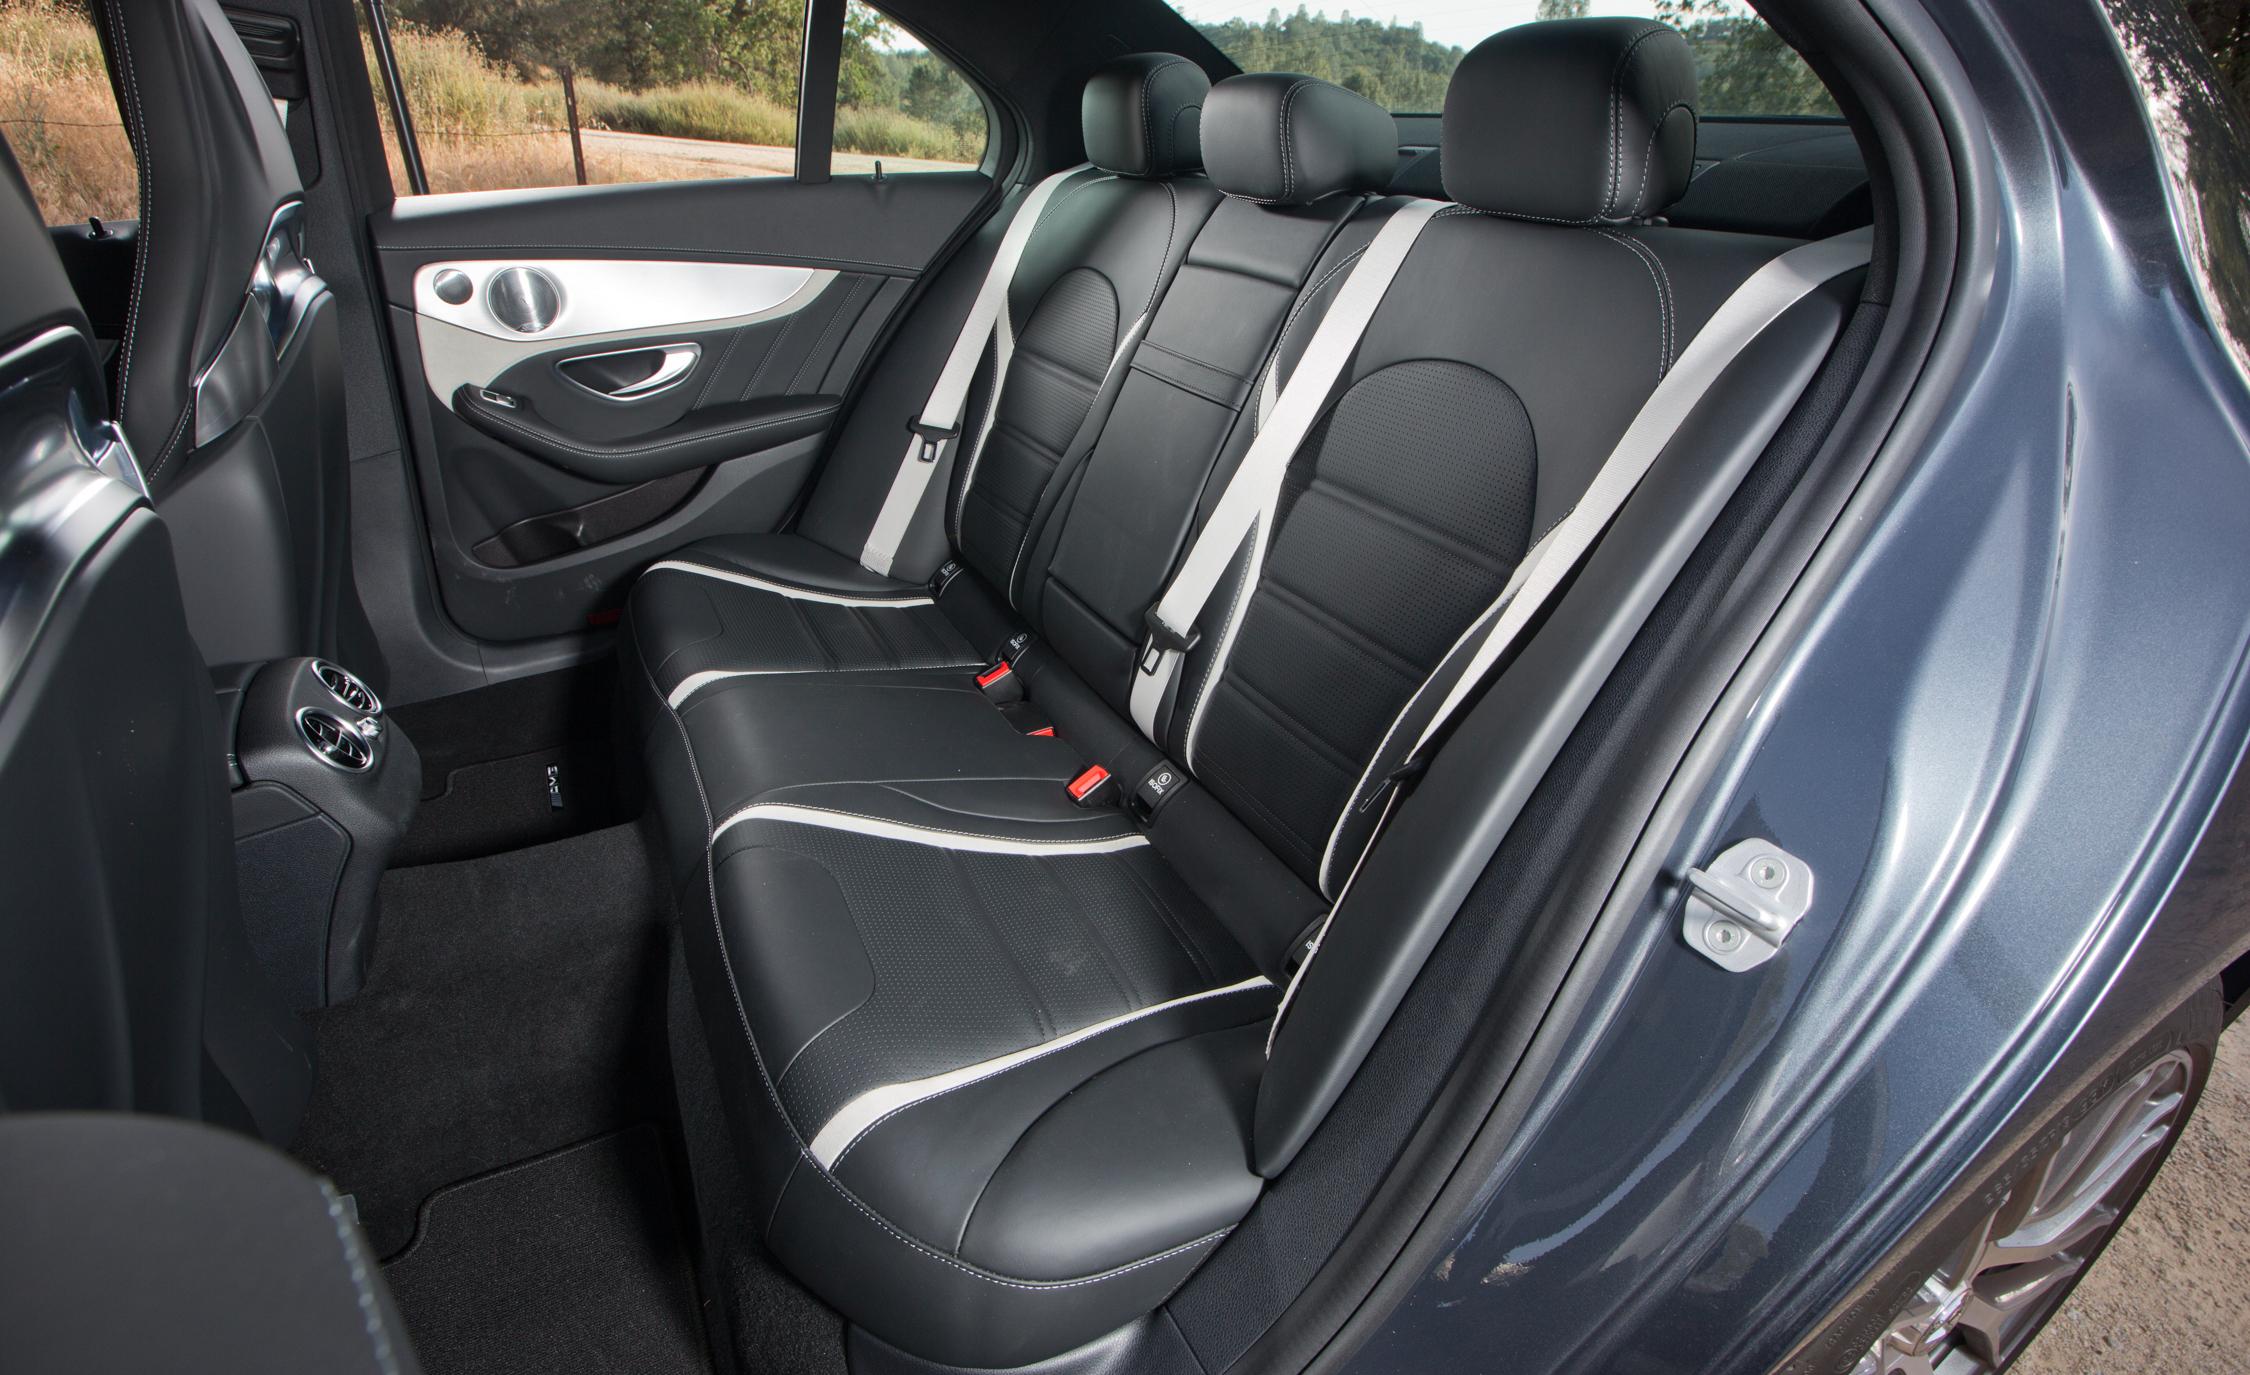 2015 mercedes amg c63 s model rear seats interior